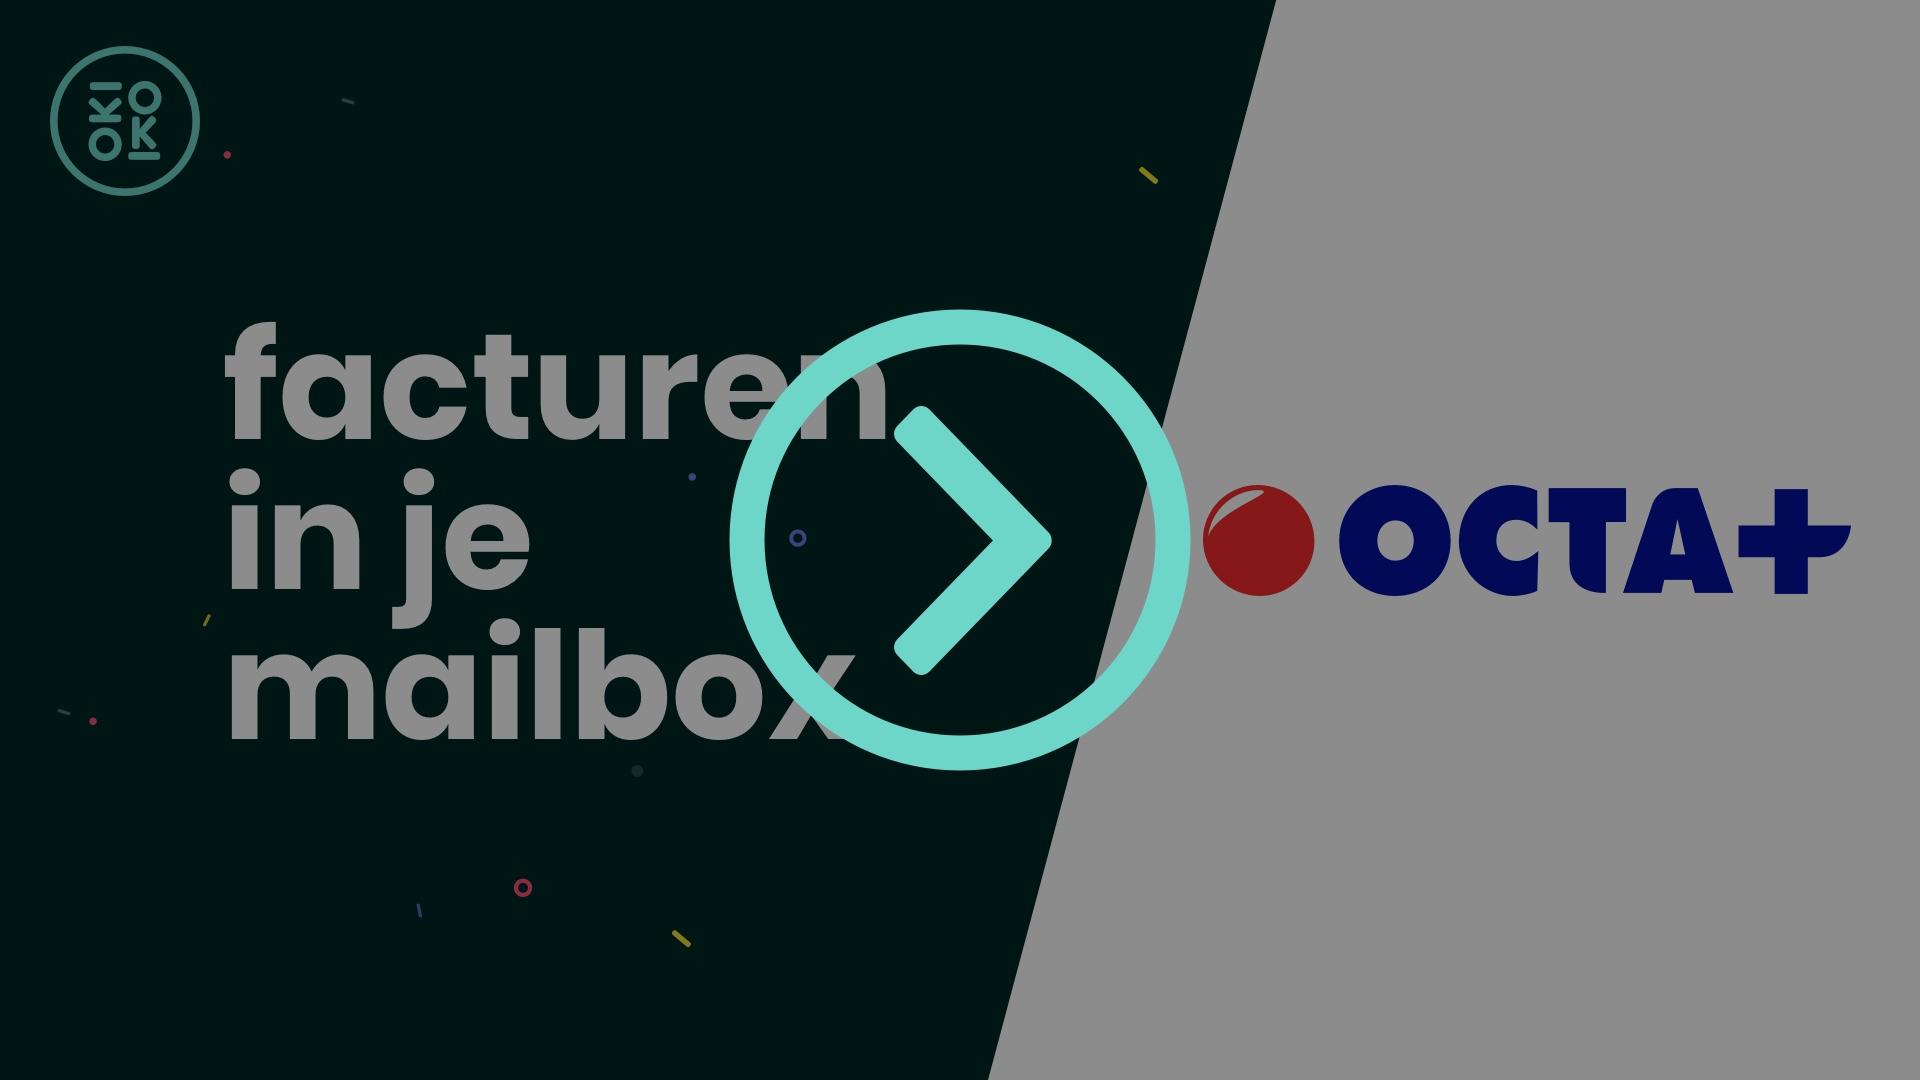 Hoe Octa+ facturen in je bedrijfsmailbox ontvangen